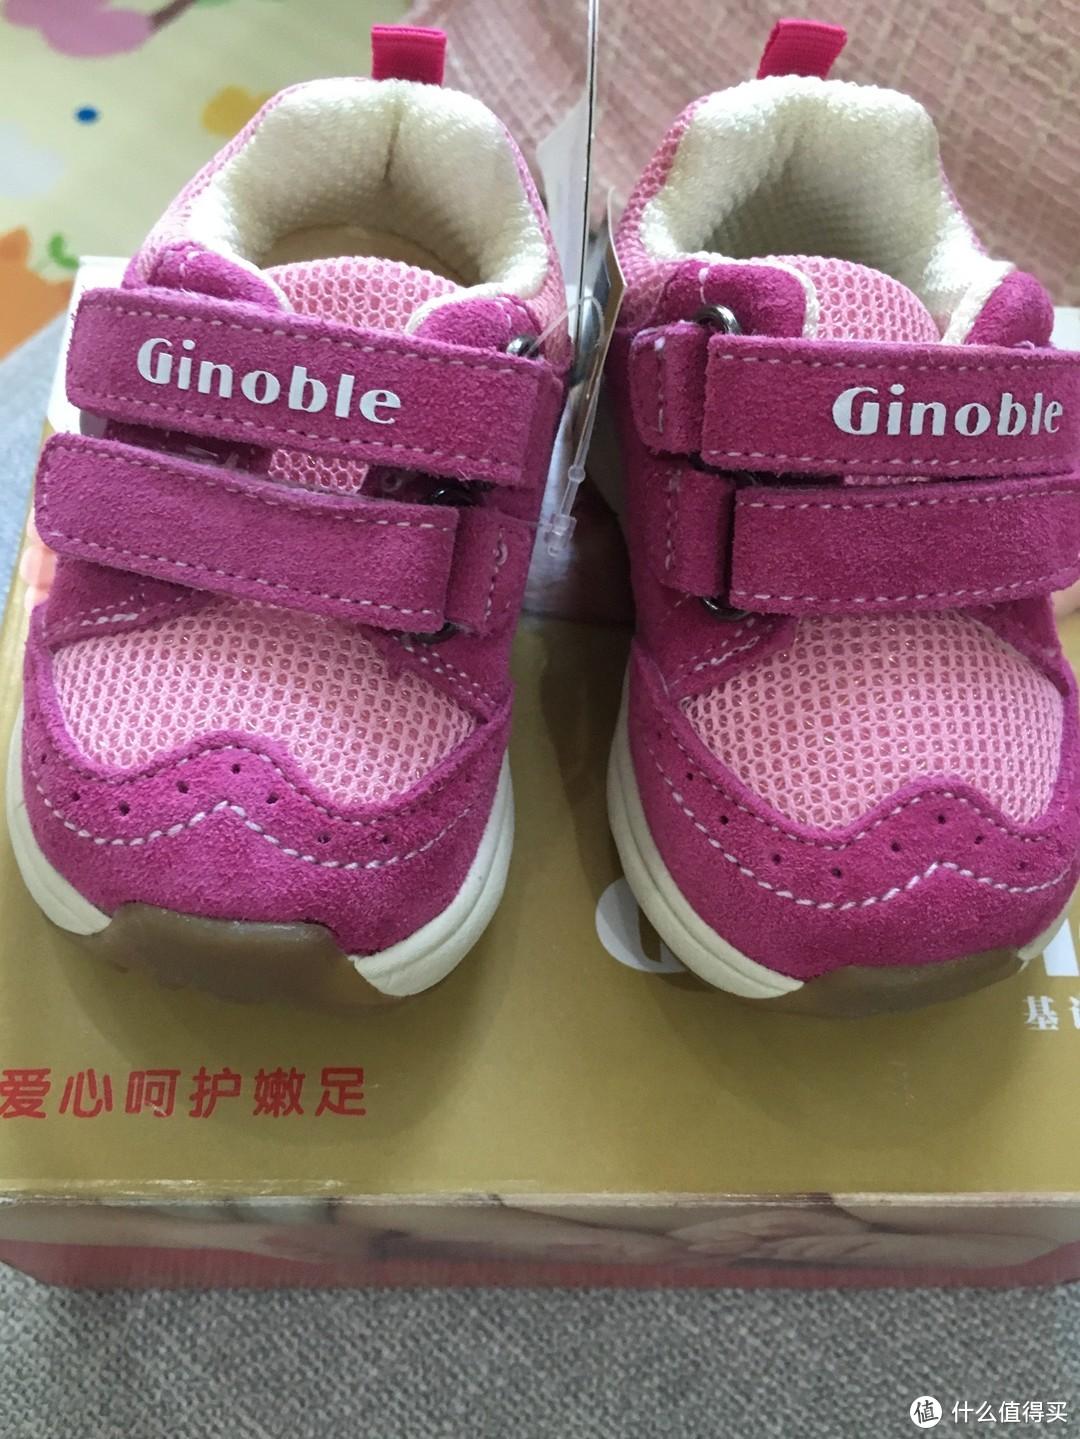 推荐网购的几款8-12个月宝宝婴儿鞋